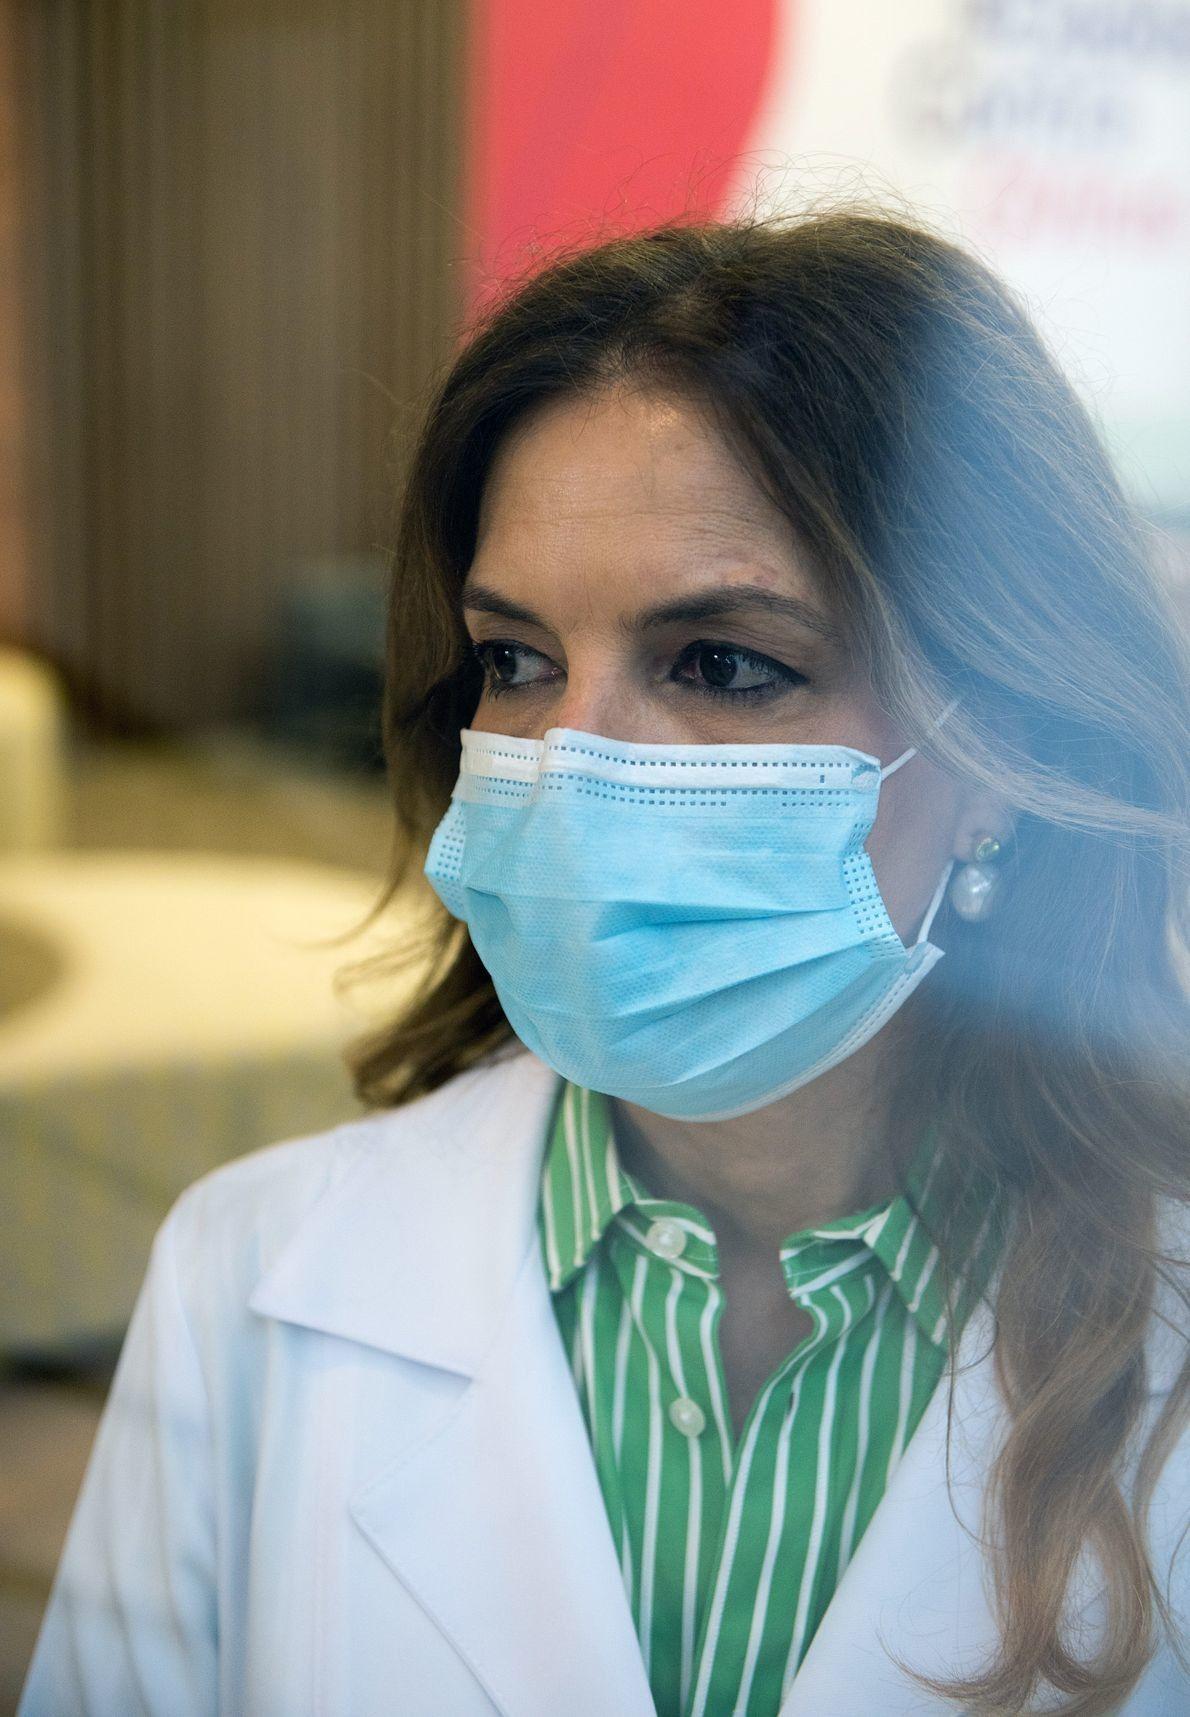 La investigación clínica de ChAdOx1 llegó al país gracias al trabajo de Sue Ann Costa Clemens. ...